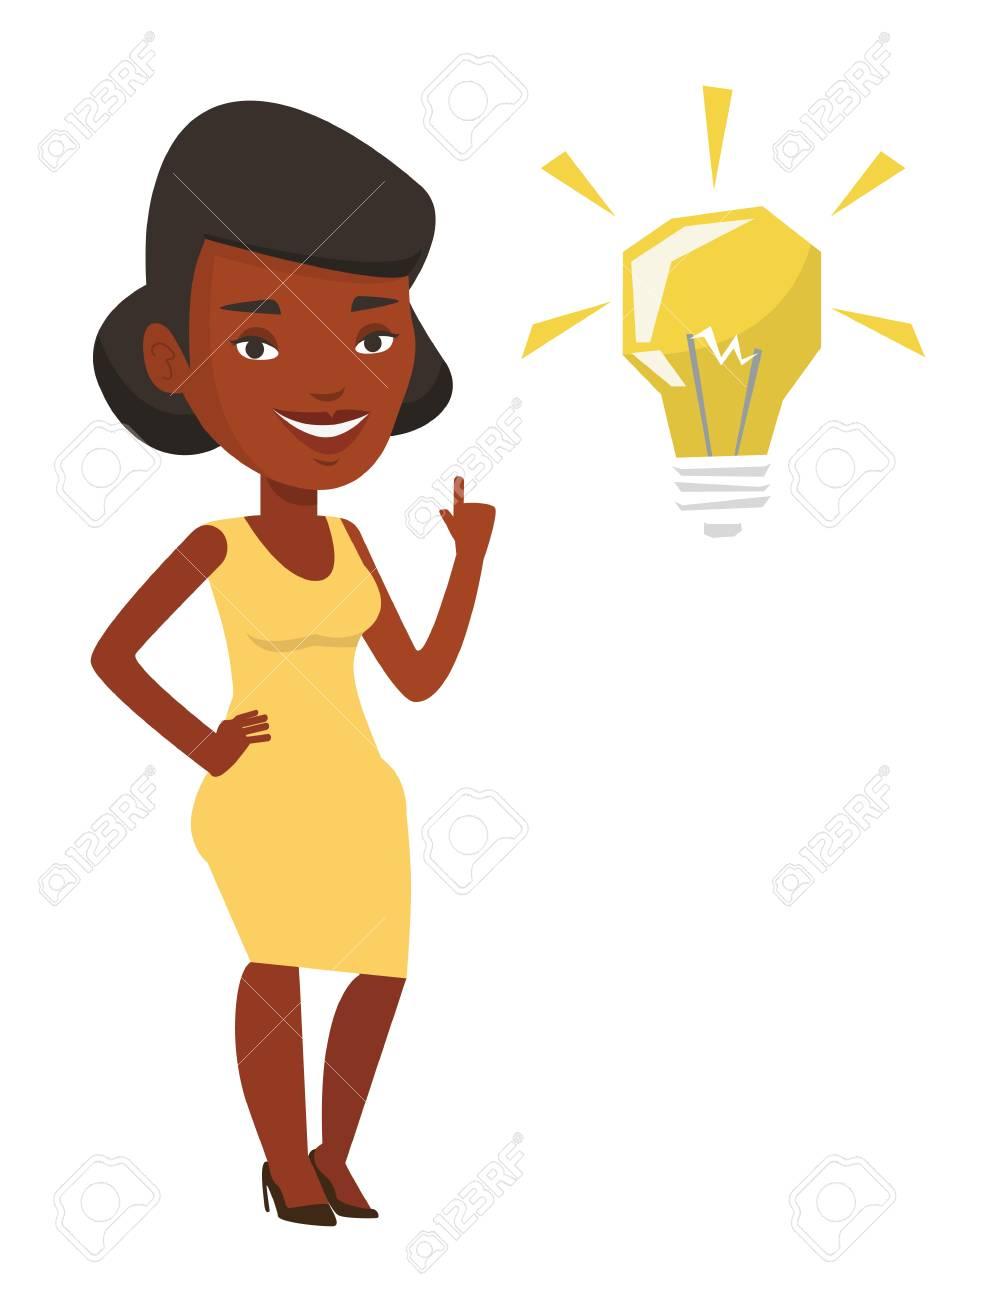 Idee Plat Etudiant.Un Etudiant Afro Americain Pointant Son Doigt Vers L Ampoule De L Idee Etudiant Excite Avec Ampoule Idee Lumineuse Etudiant Ayant Une Bonne Idee